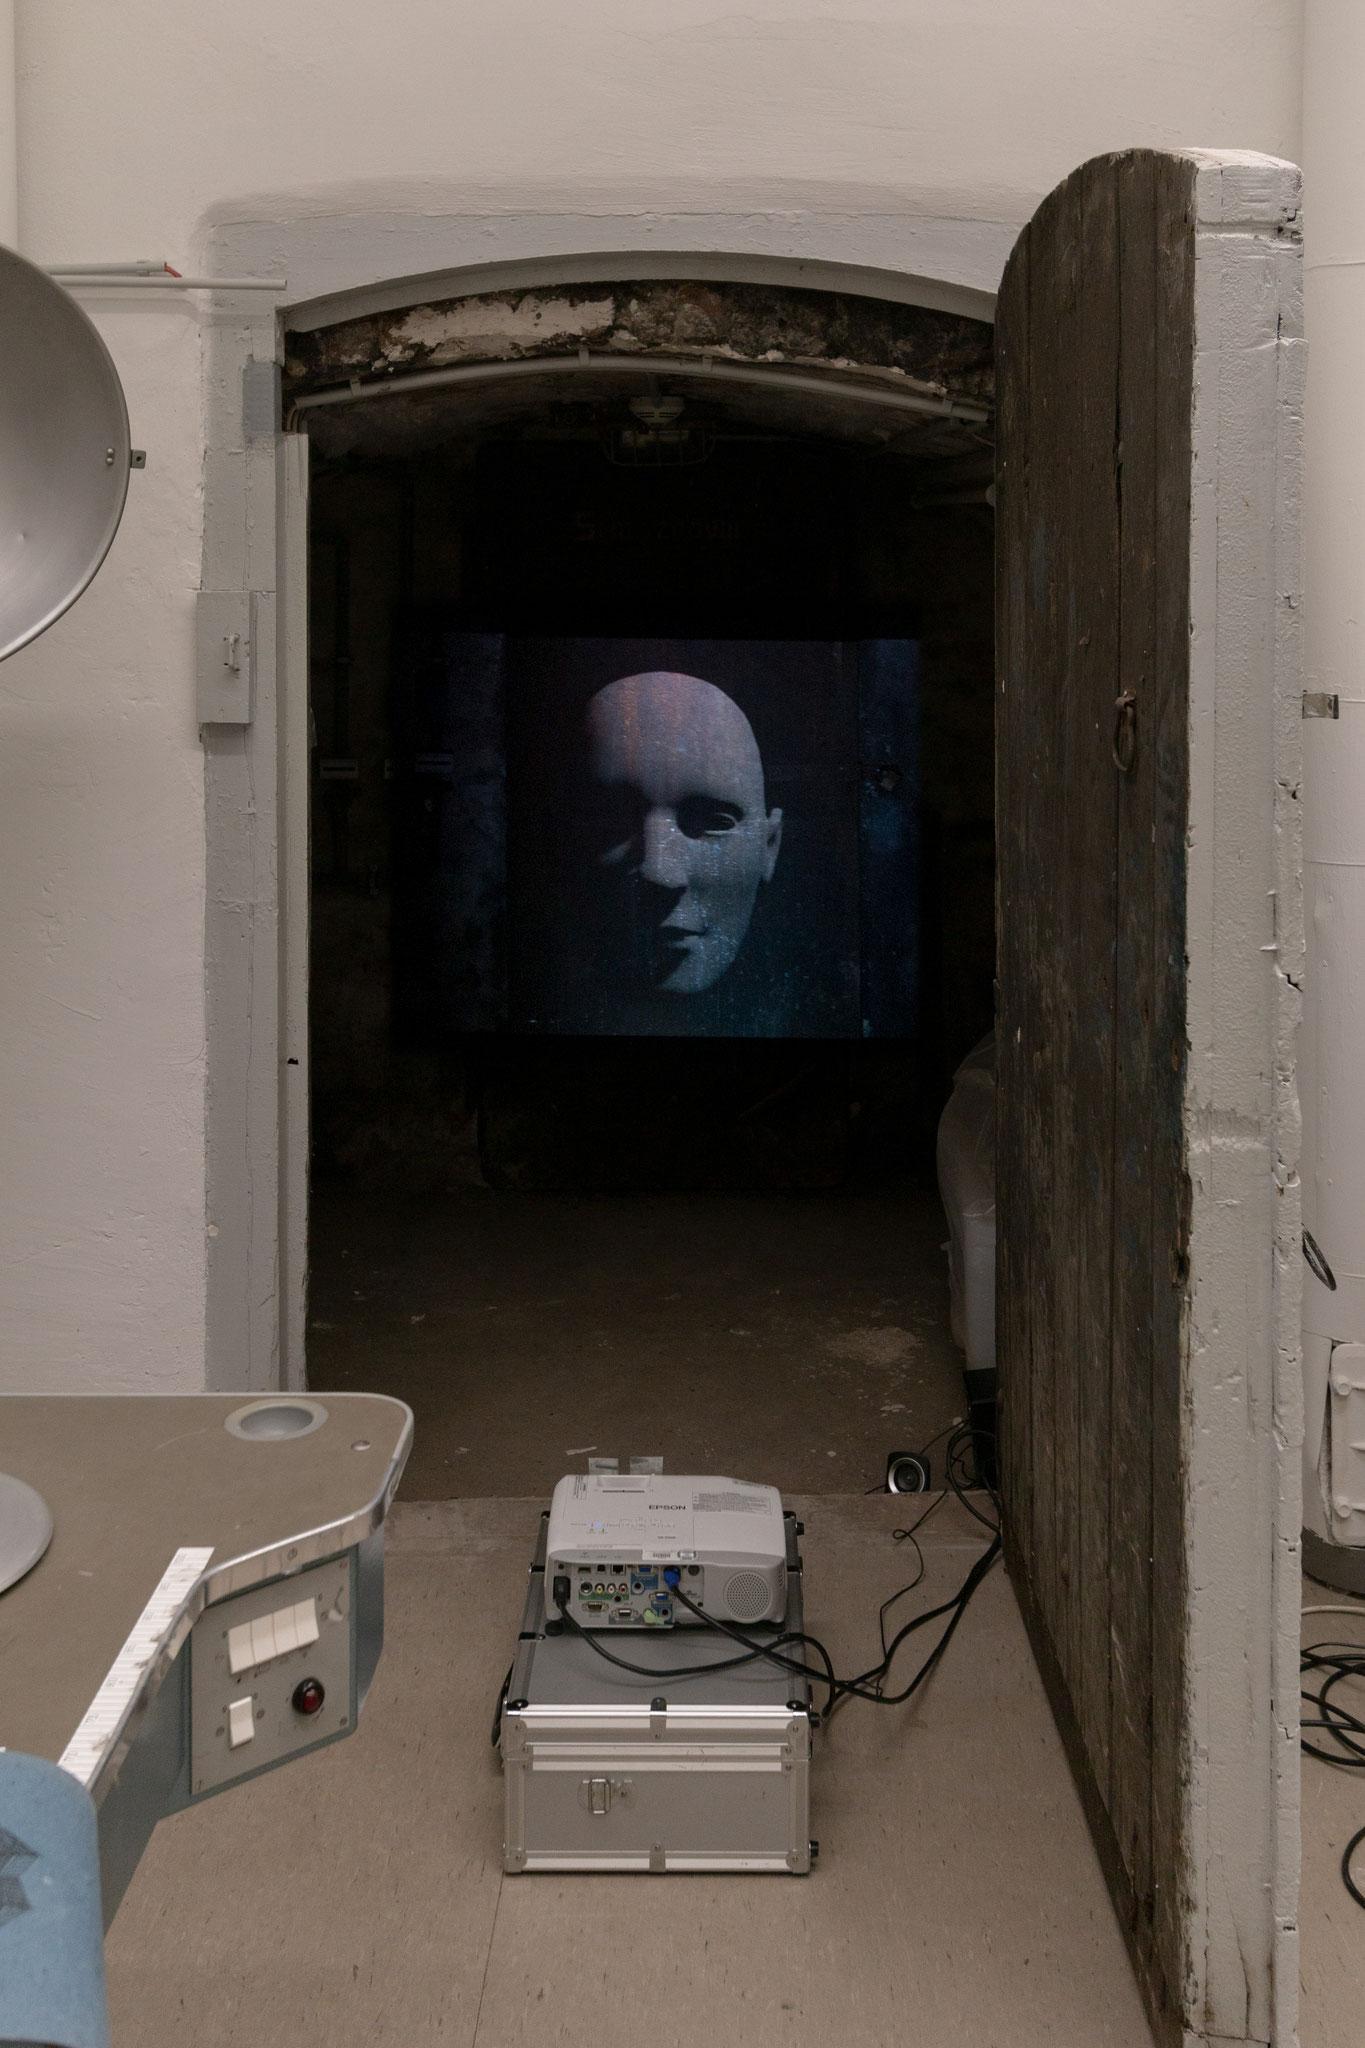 Mathilda Blachnik, Hoffnung, 3D-Animation projiziert auf Stahltür, mit einem von ihr gesprochenen Textausschnitt aus den Metamorphosen von Ovid